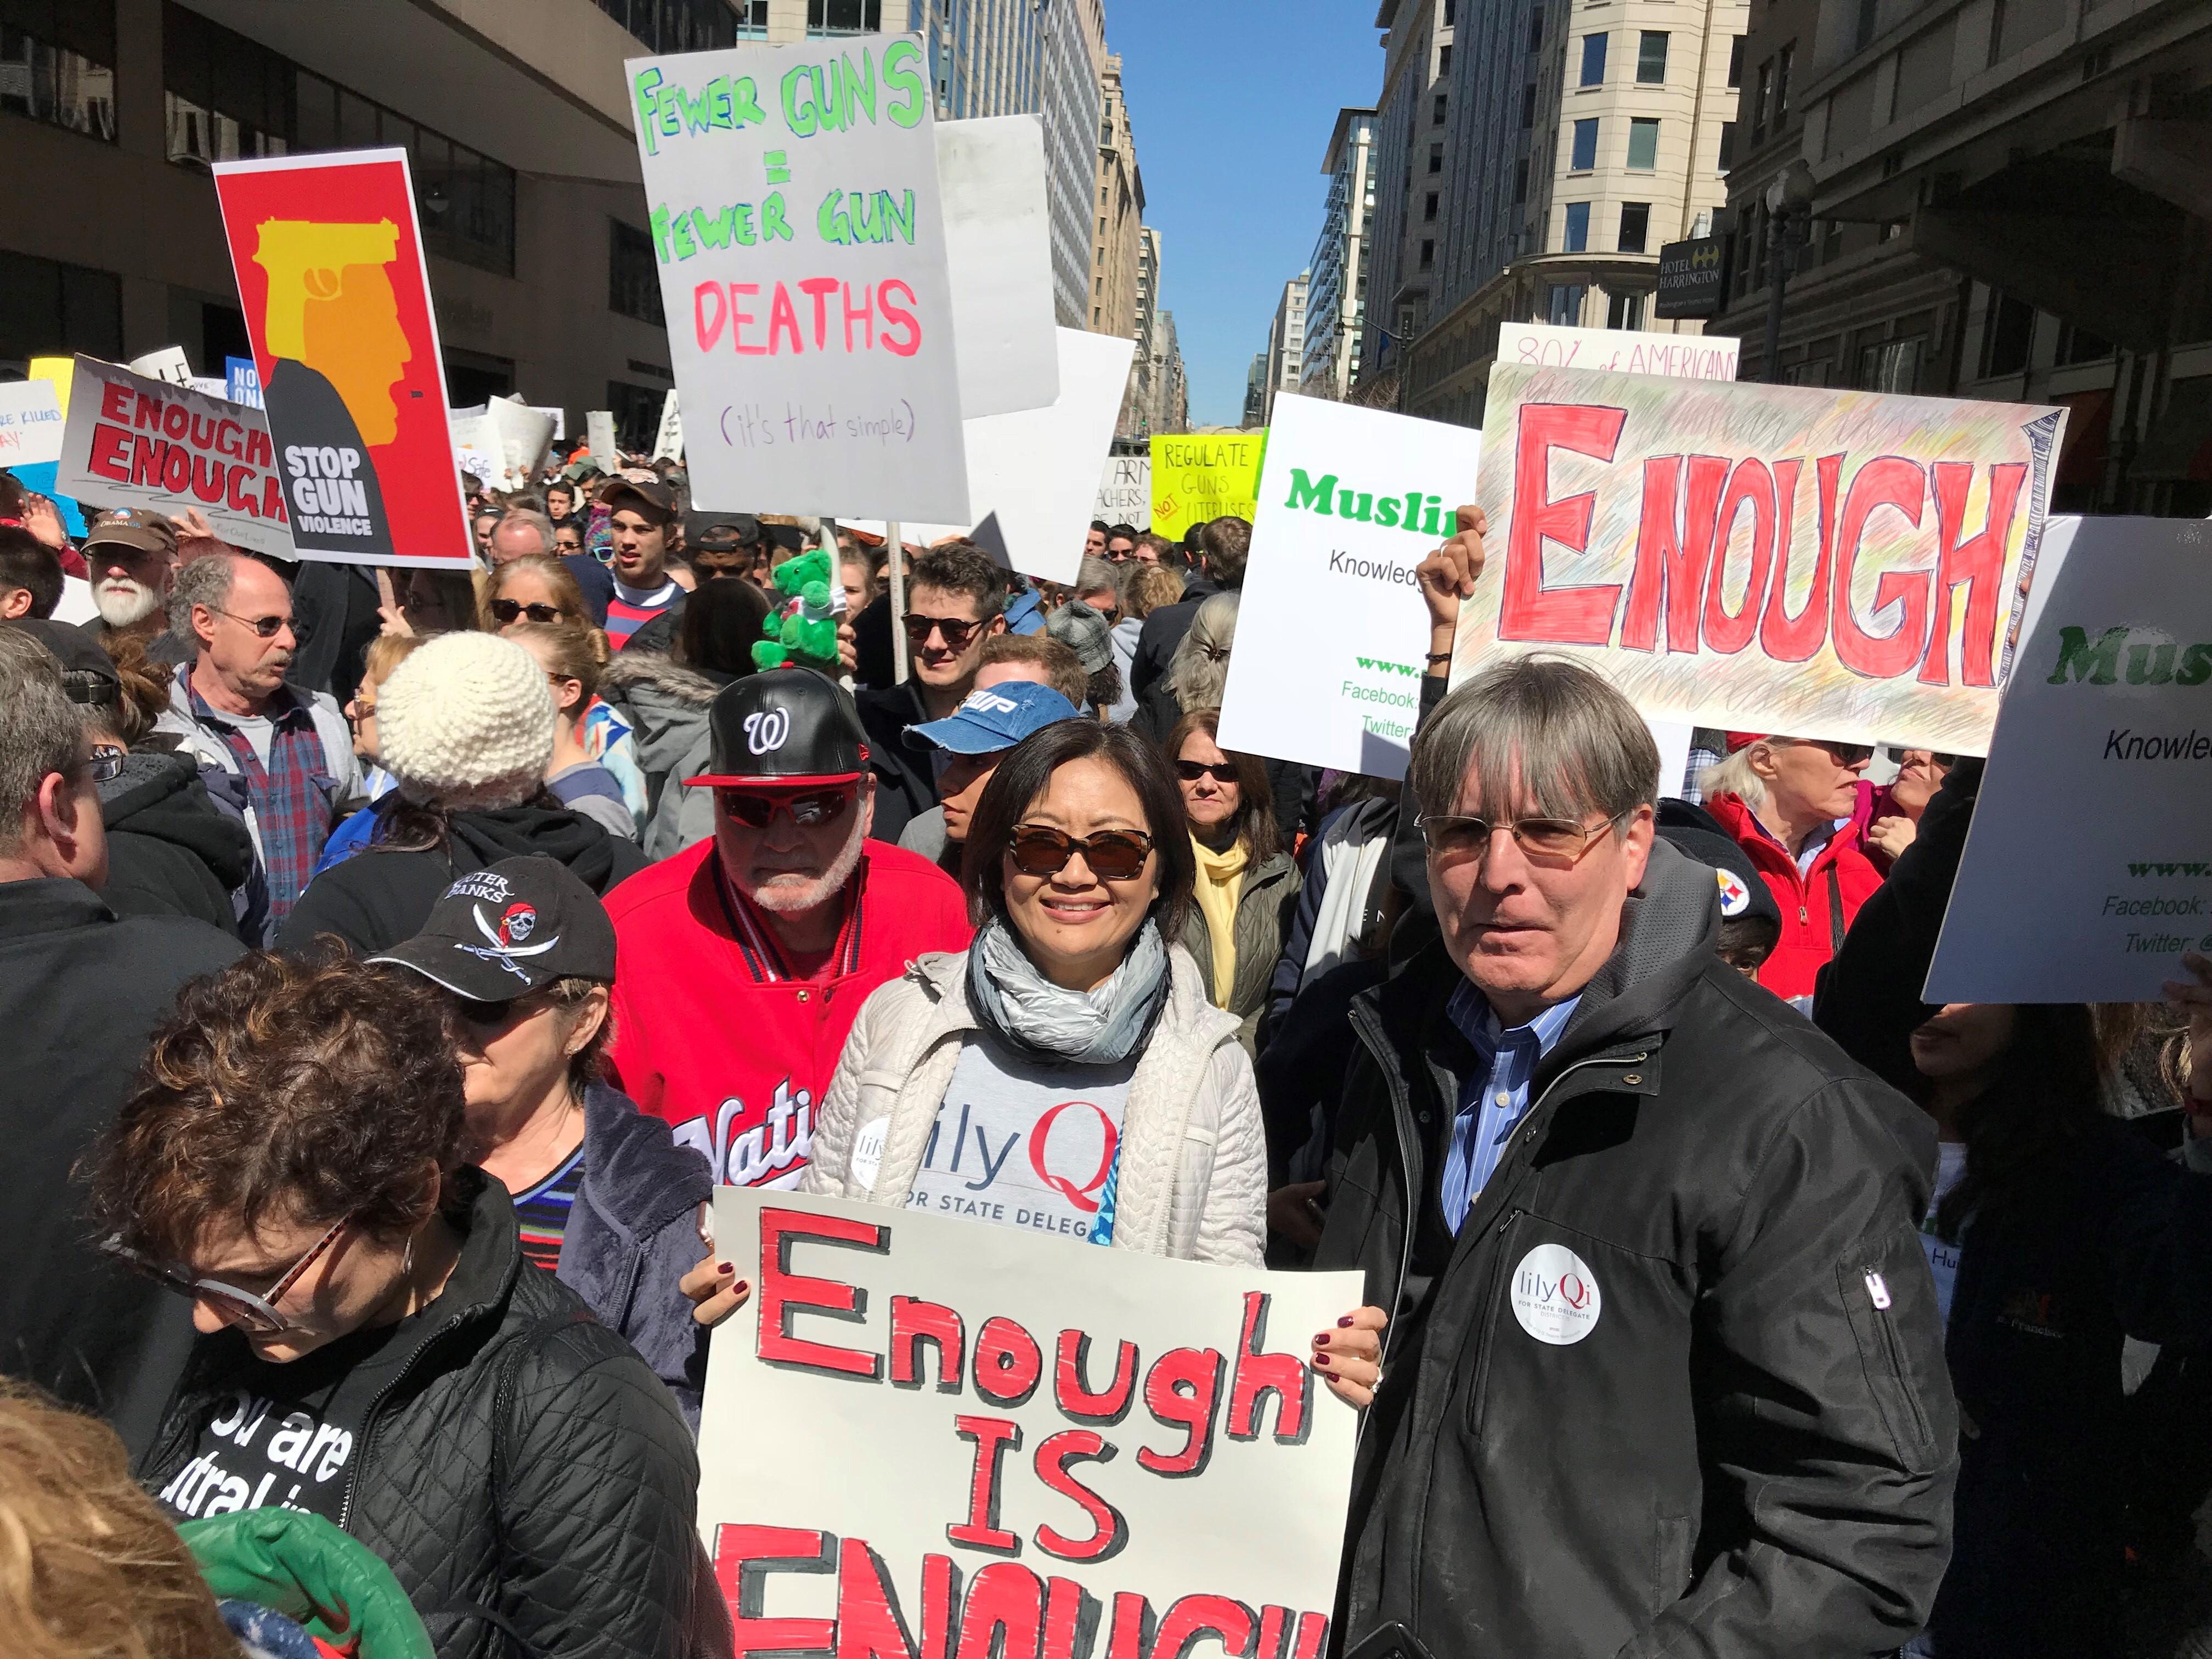 將參選馬州州議會的第一代中國移民齊麗麗(中)帶著「Enough is Enough」標語參加華府大遊行。(彭瑜提供)